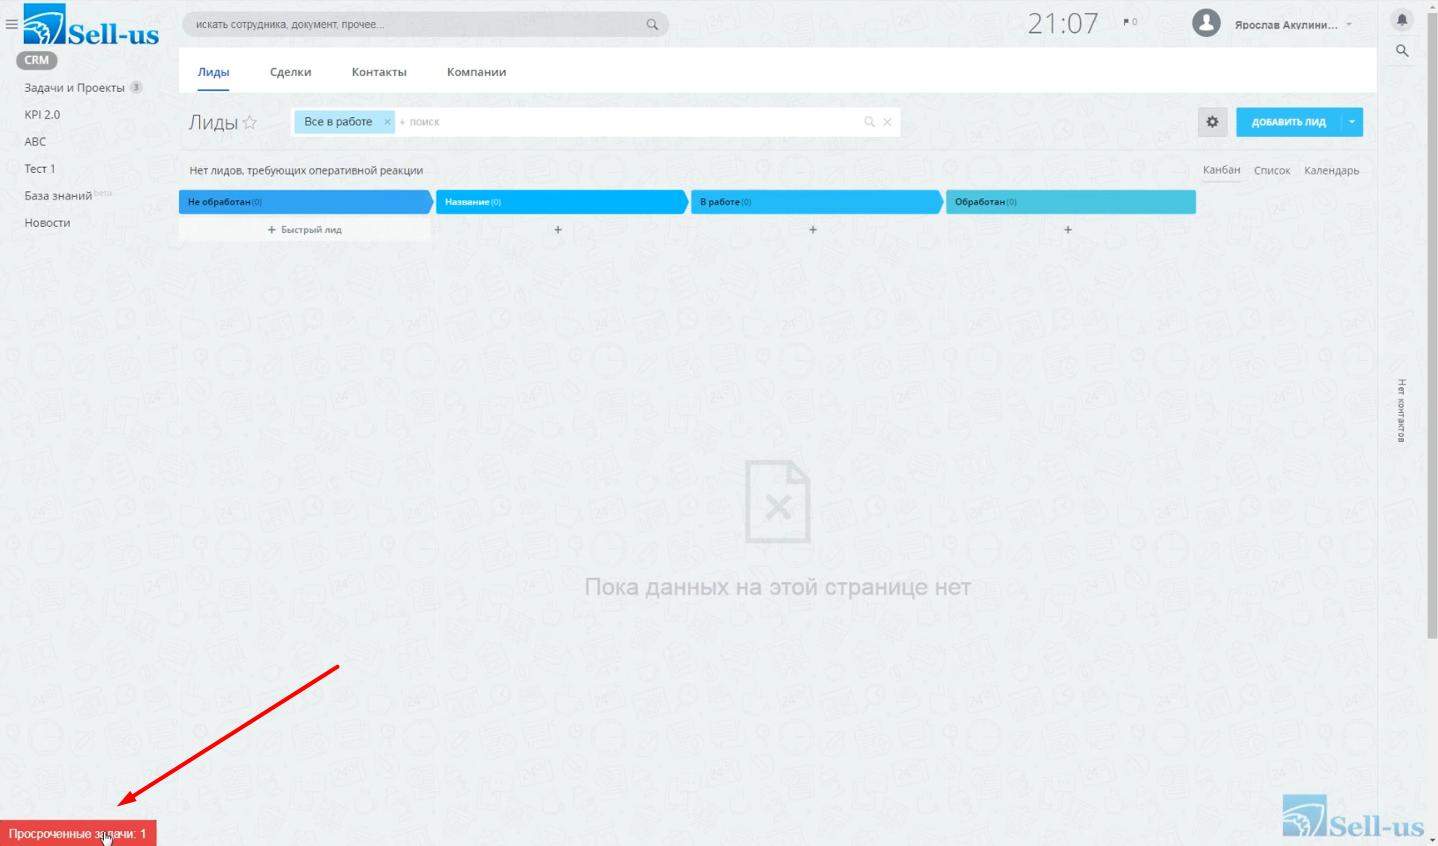 Кастомизация интерфейса Битрикс24. Настройка ОБЛАЧНОГО портала 2